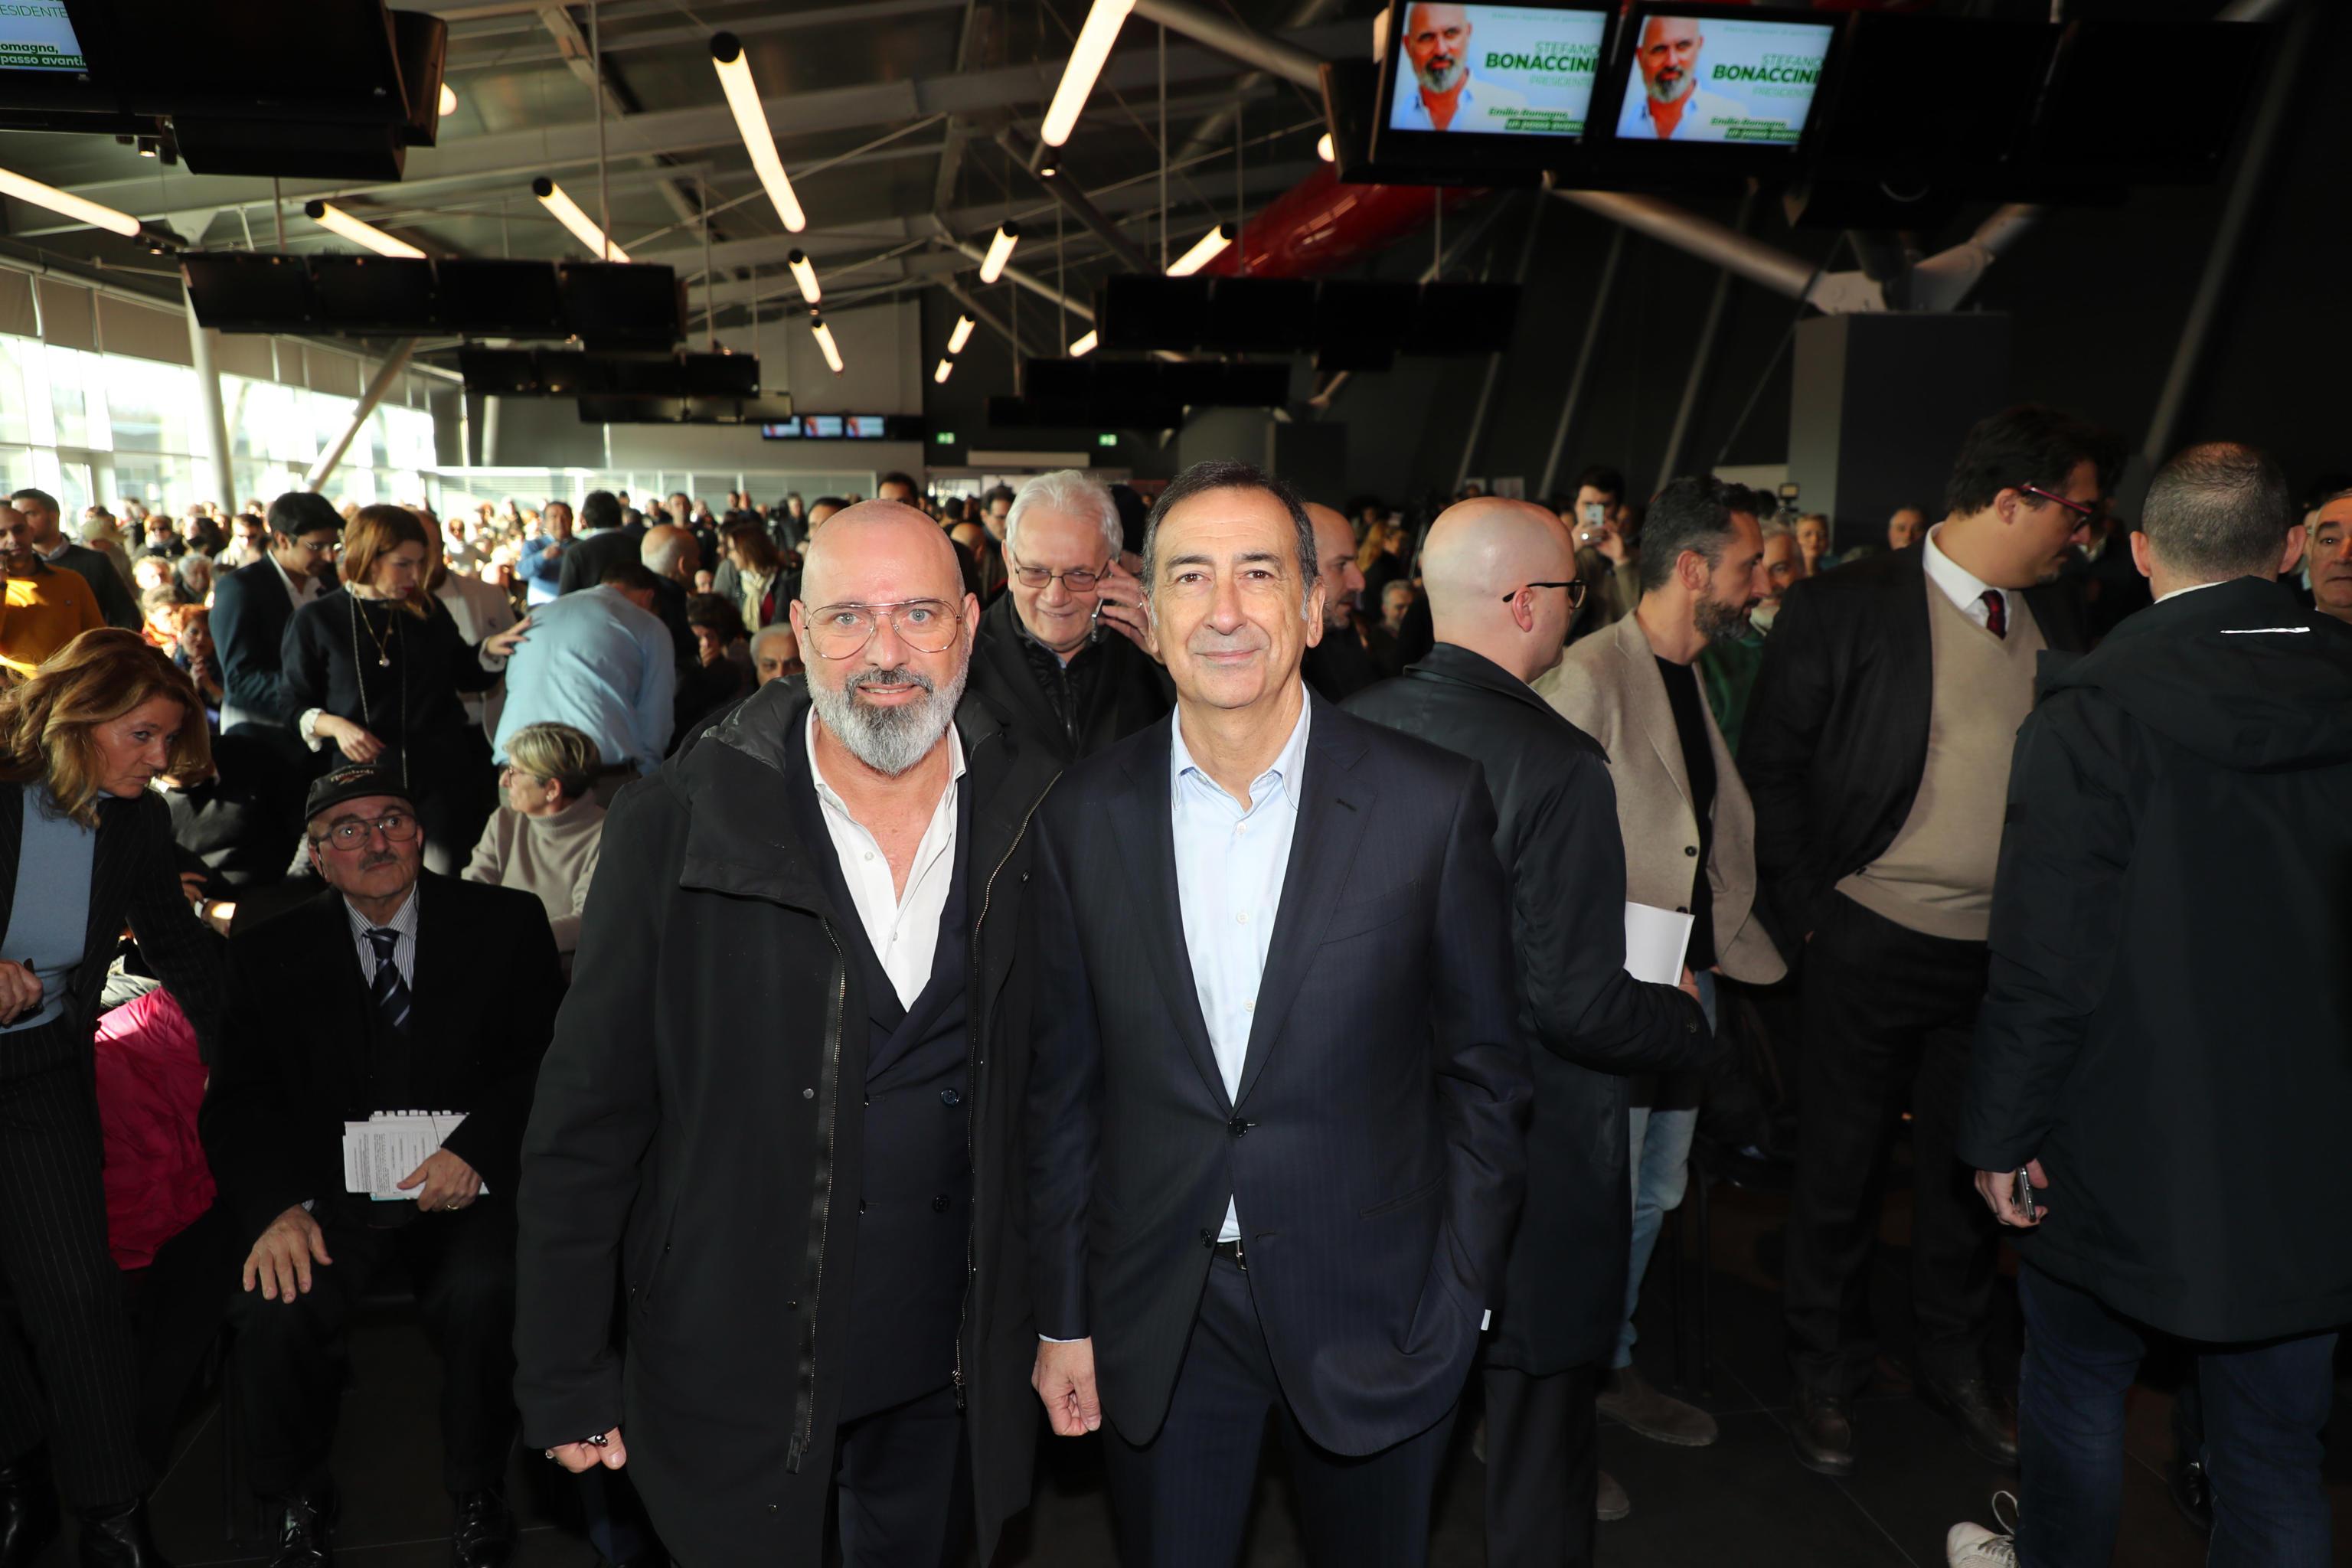 Stefano Bonaccini con Giuseppe Sala durante la campagna elettorale per l'Emilia-Romagna